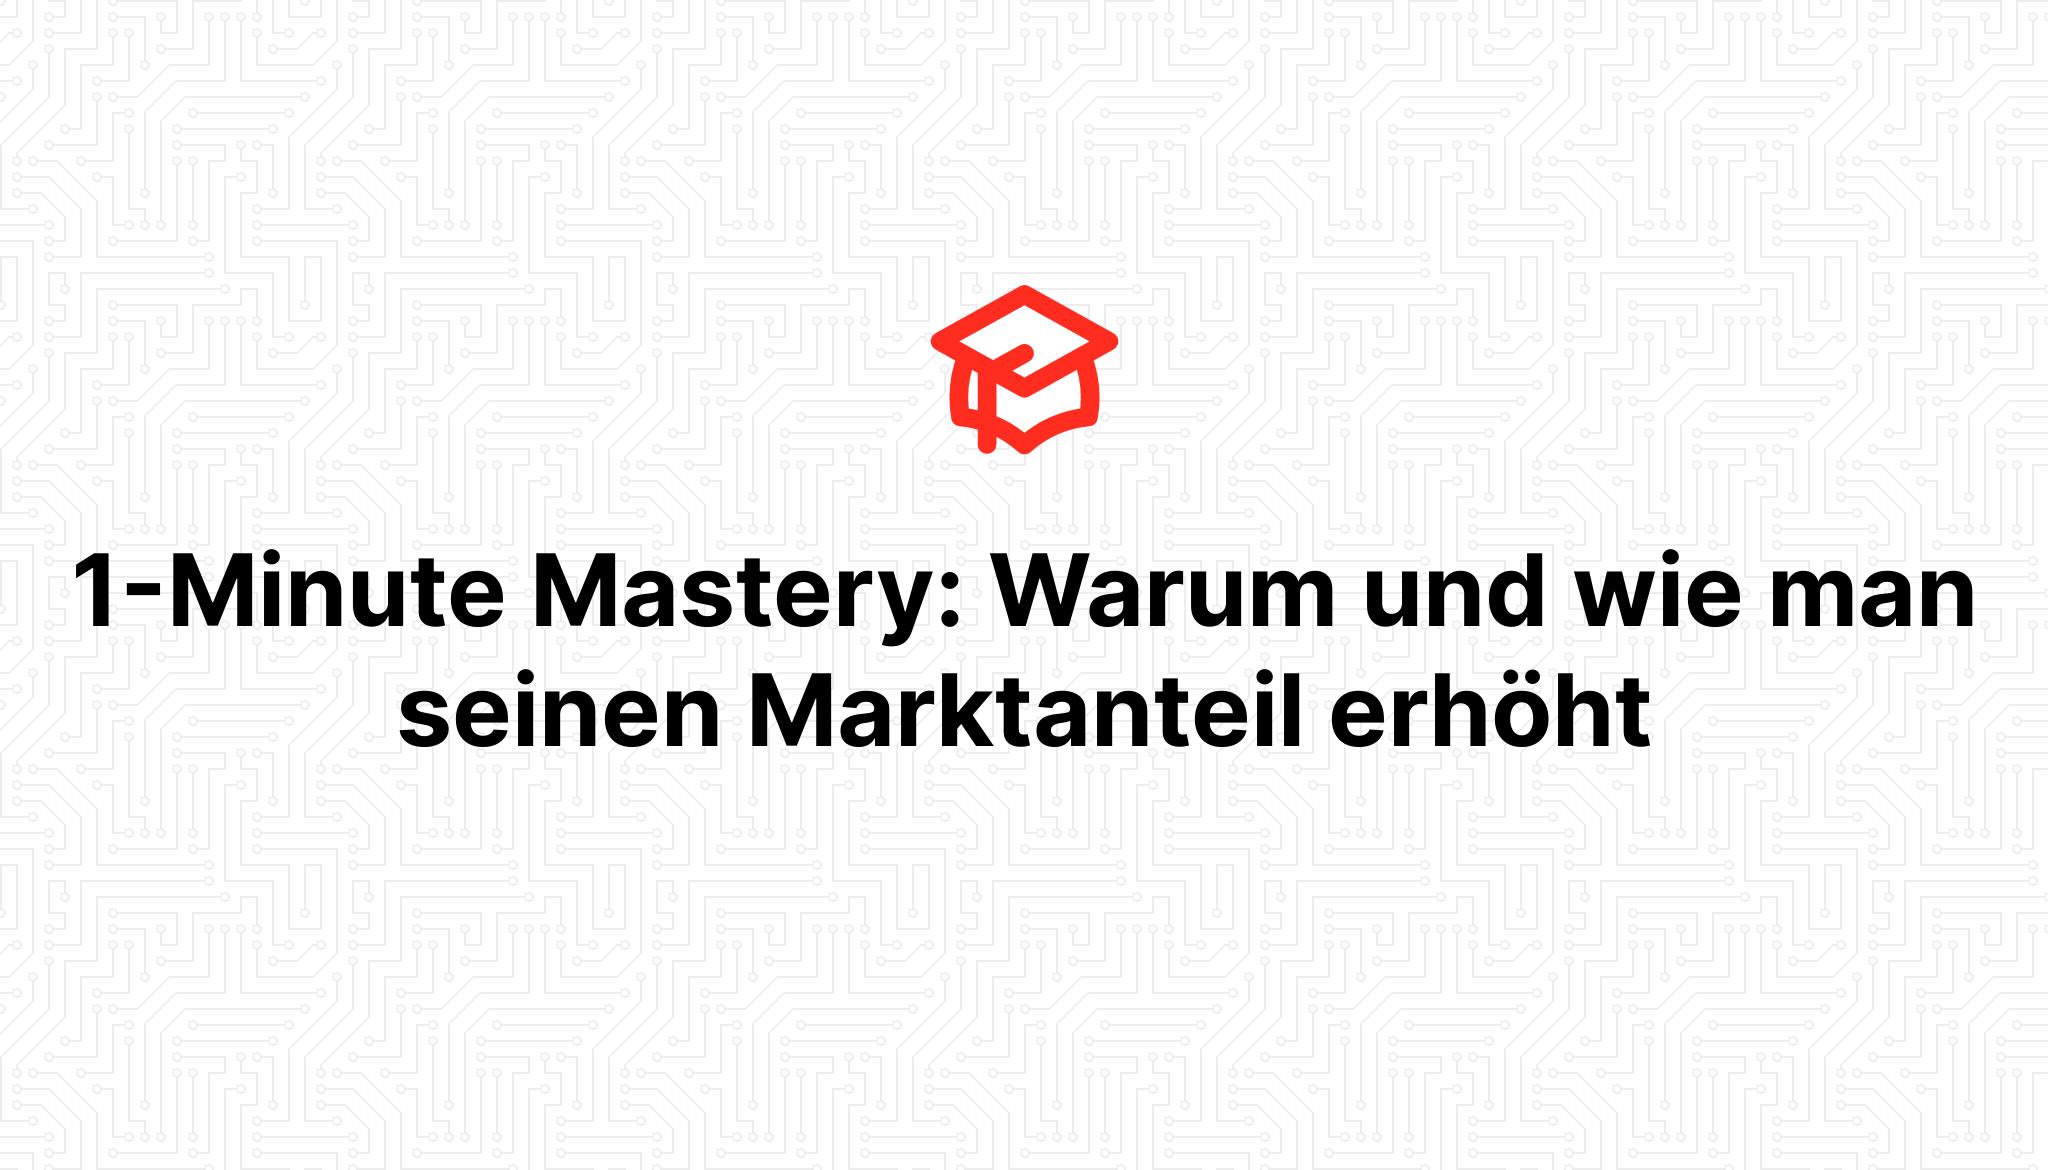 1-Minute Mastery: Warum und wie man seinen Marktanteil erhöht